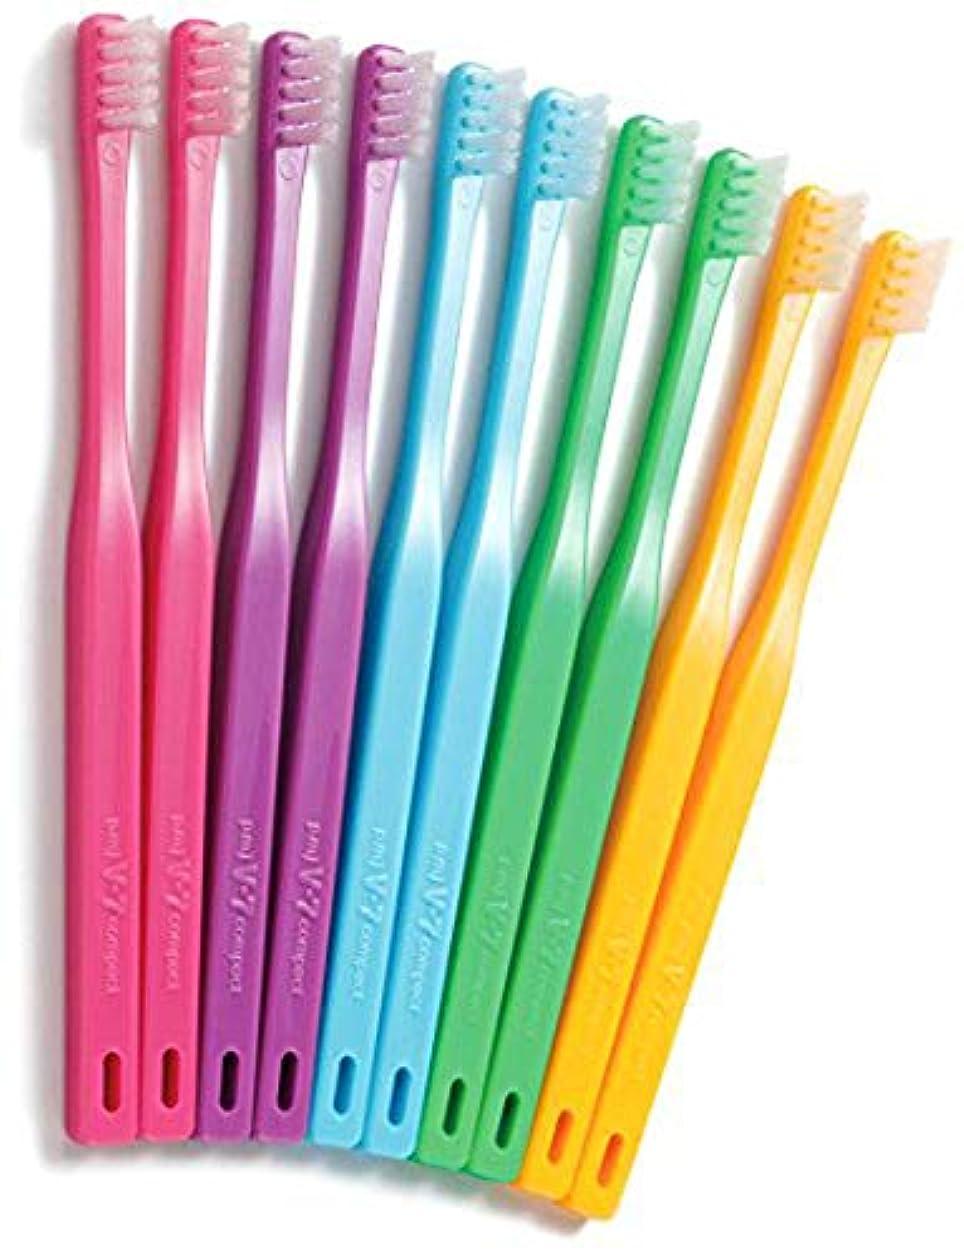 でも真っ逆さま市場つまようじ法歯ブラシ V-7 コンパクトヘッド ビビッドカラー 5本